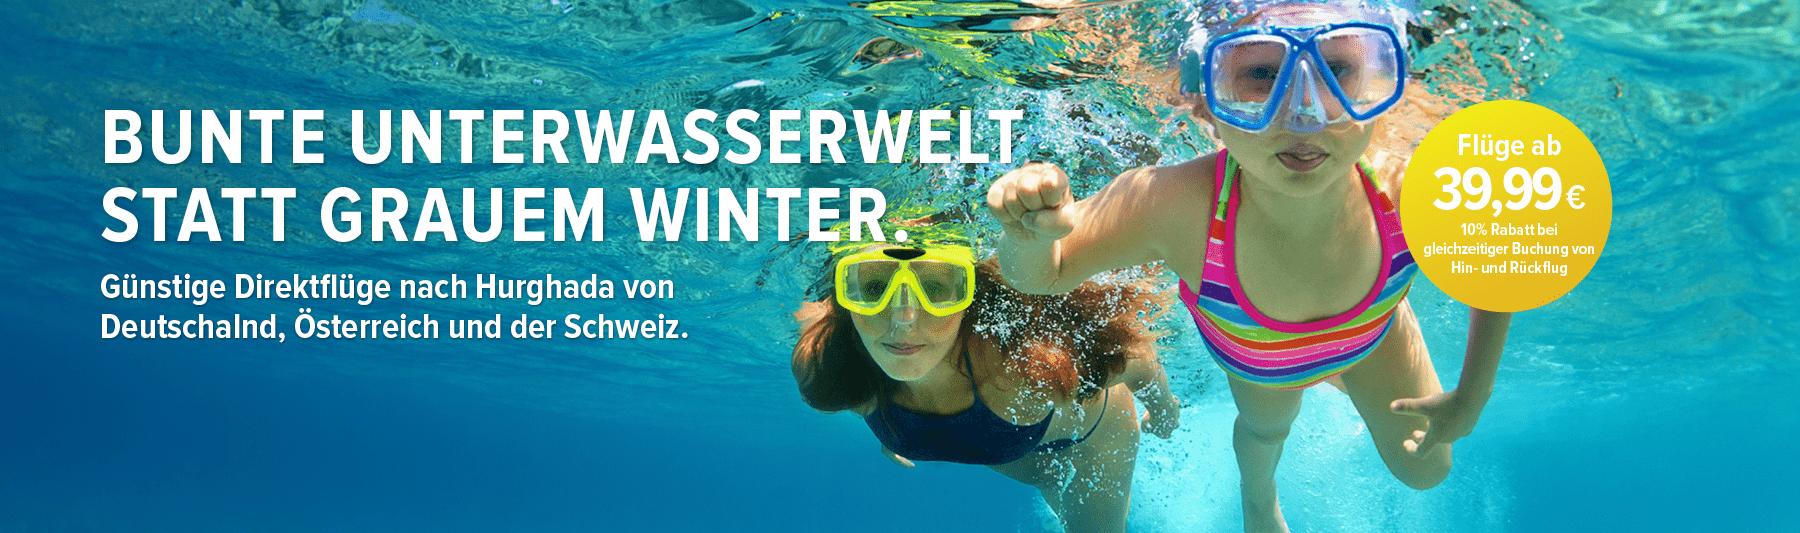 Herrliche Unterwasserwelten, die auch von dir entdeckt werden wollen!